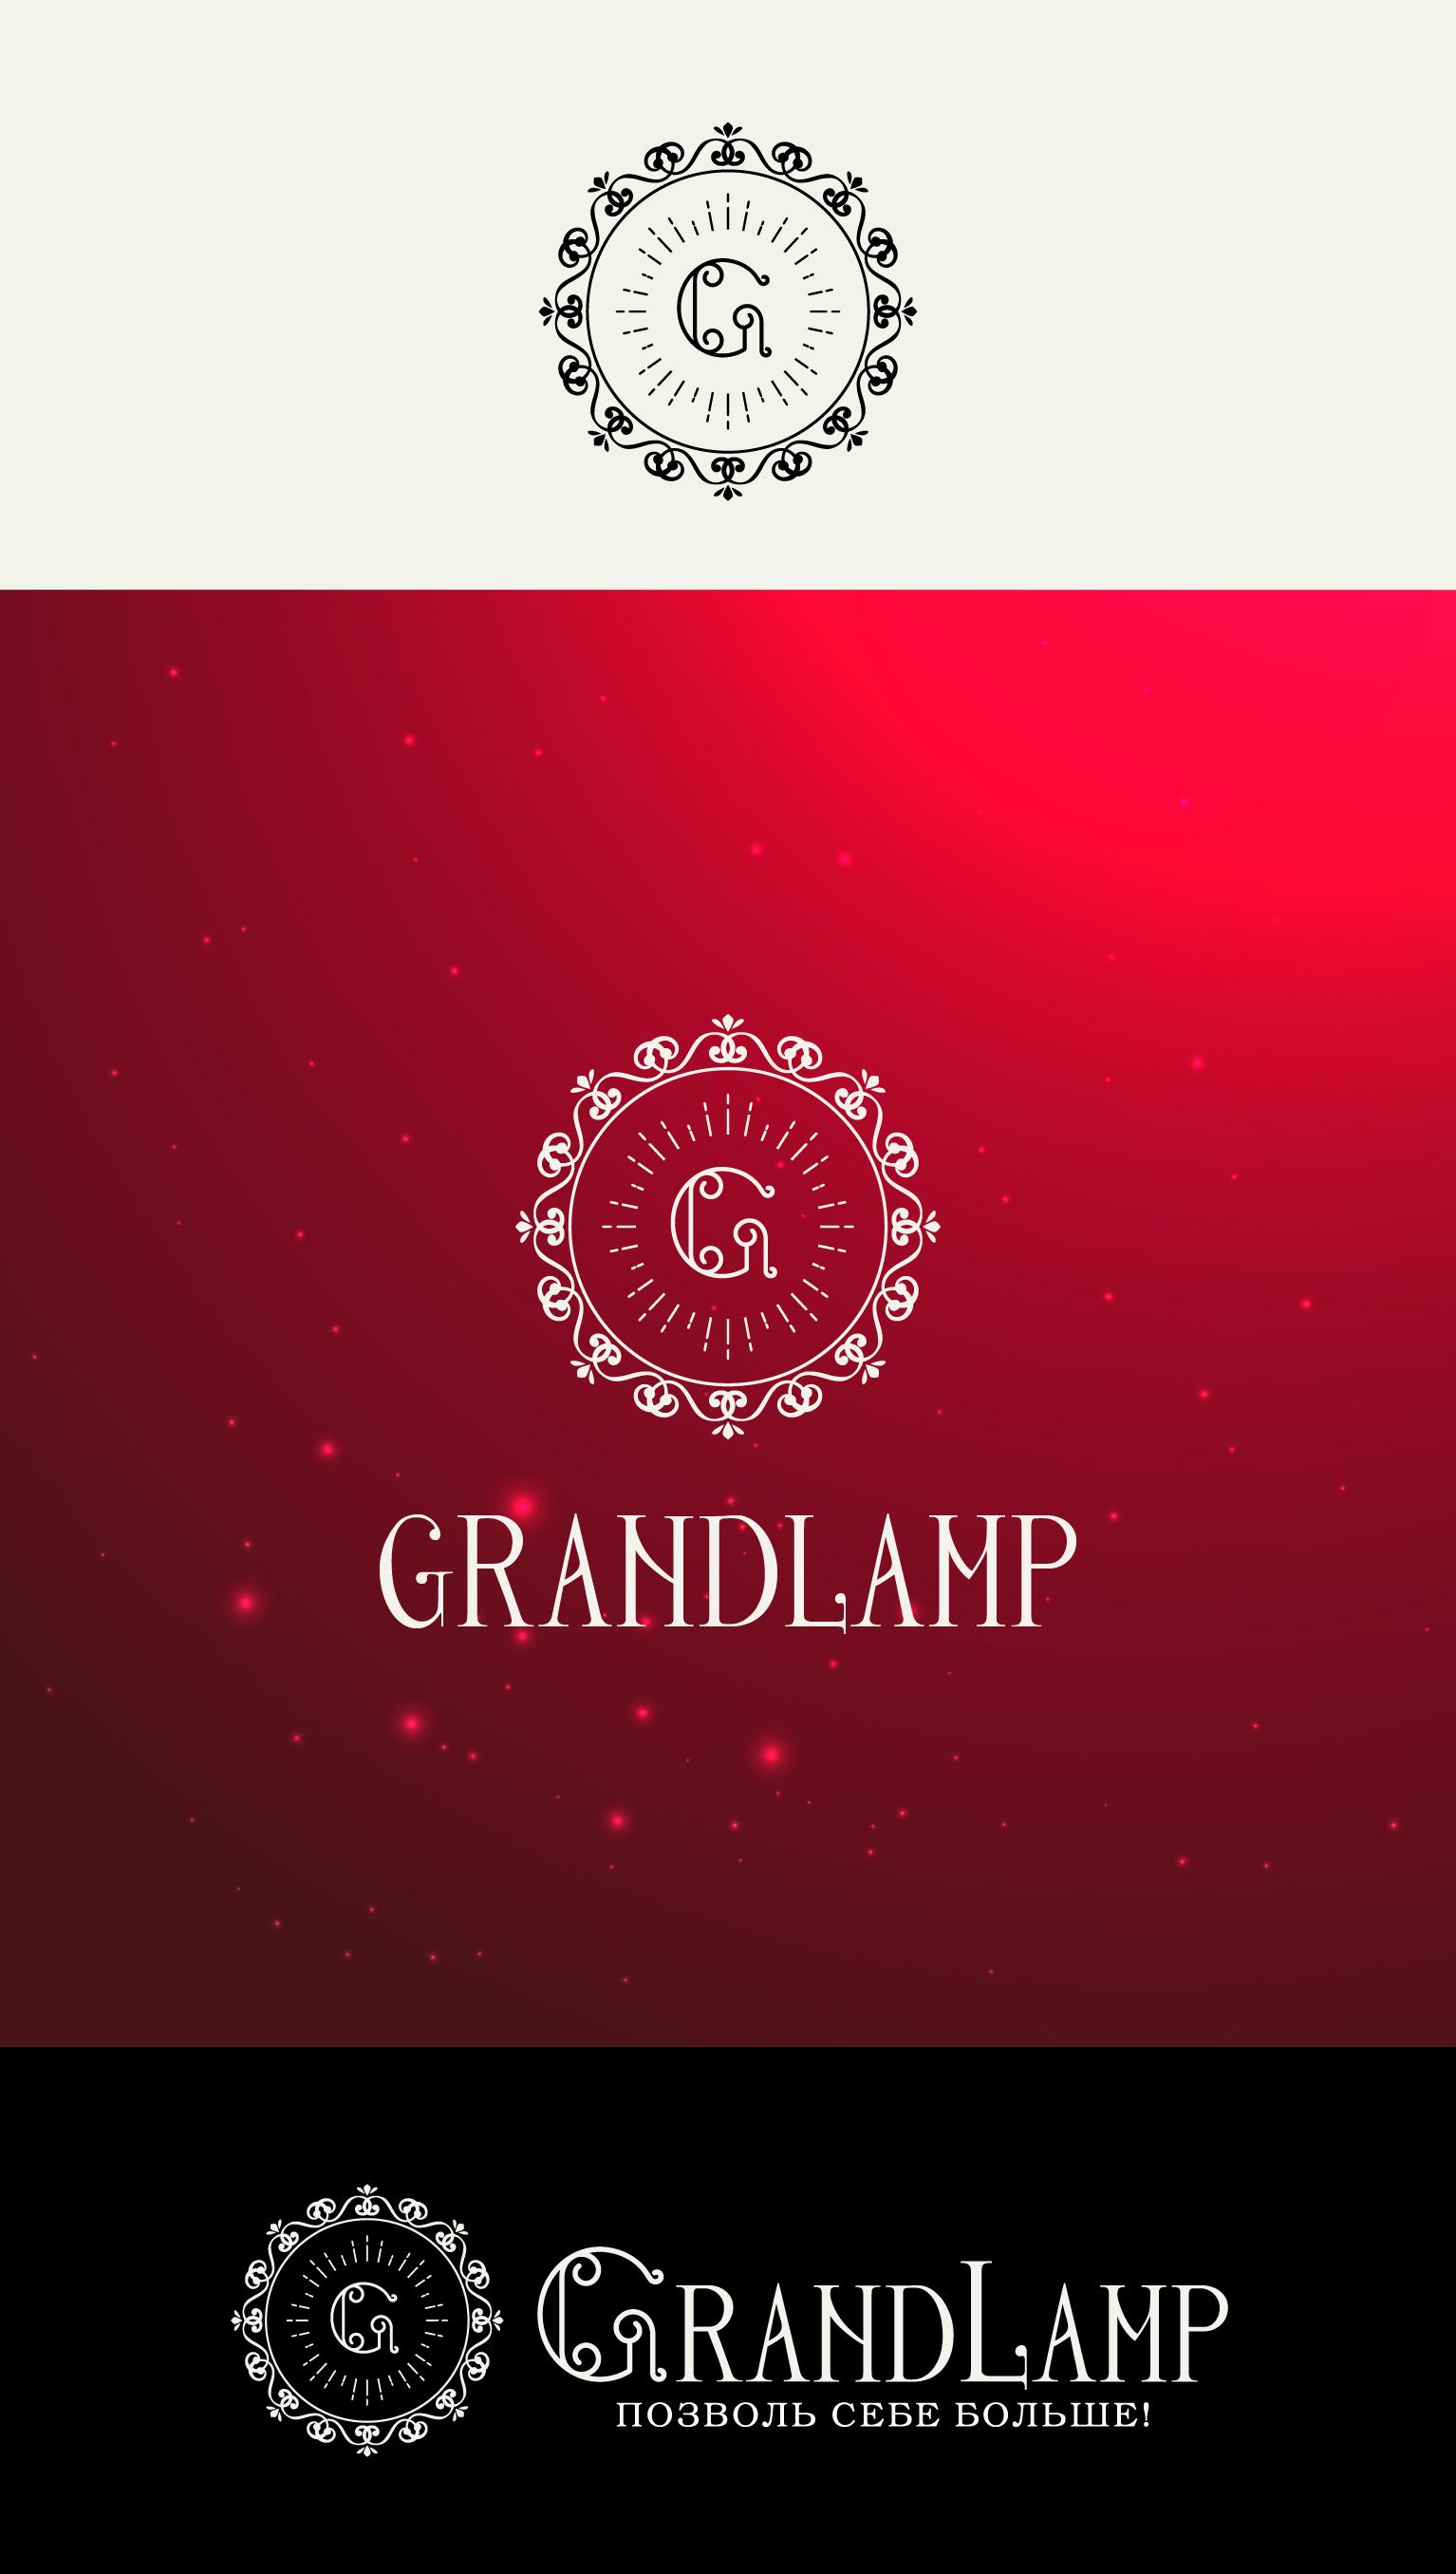 Разработка логотипа и элементов фирменного стиля фото f_835580f9c38ed03c.jpg